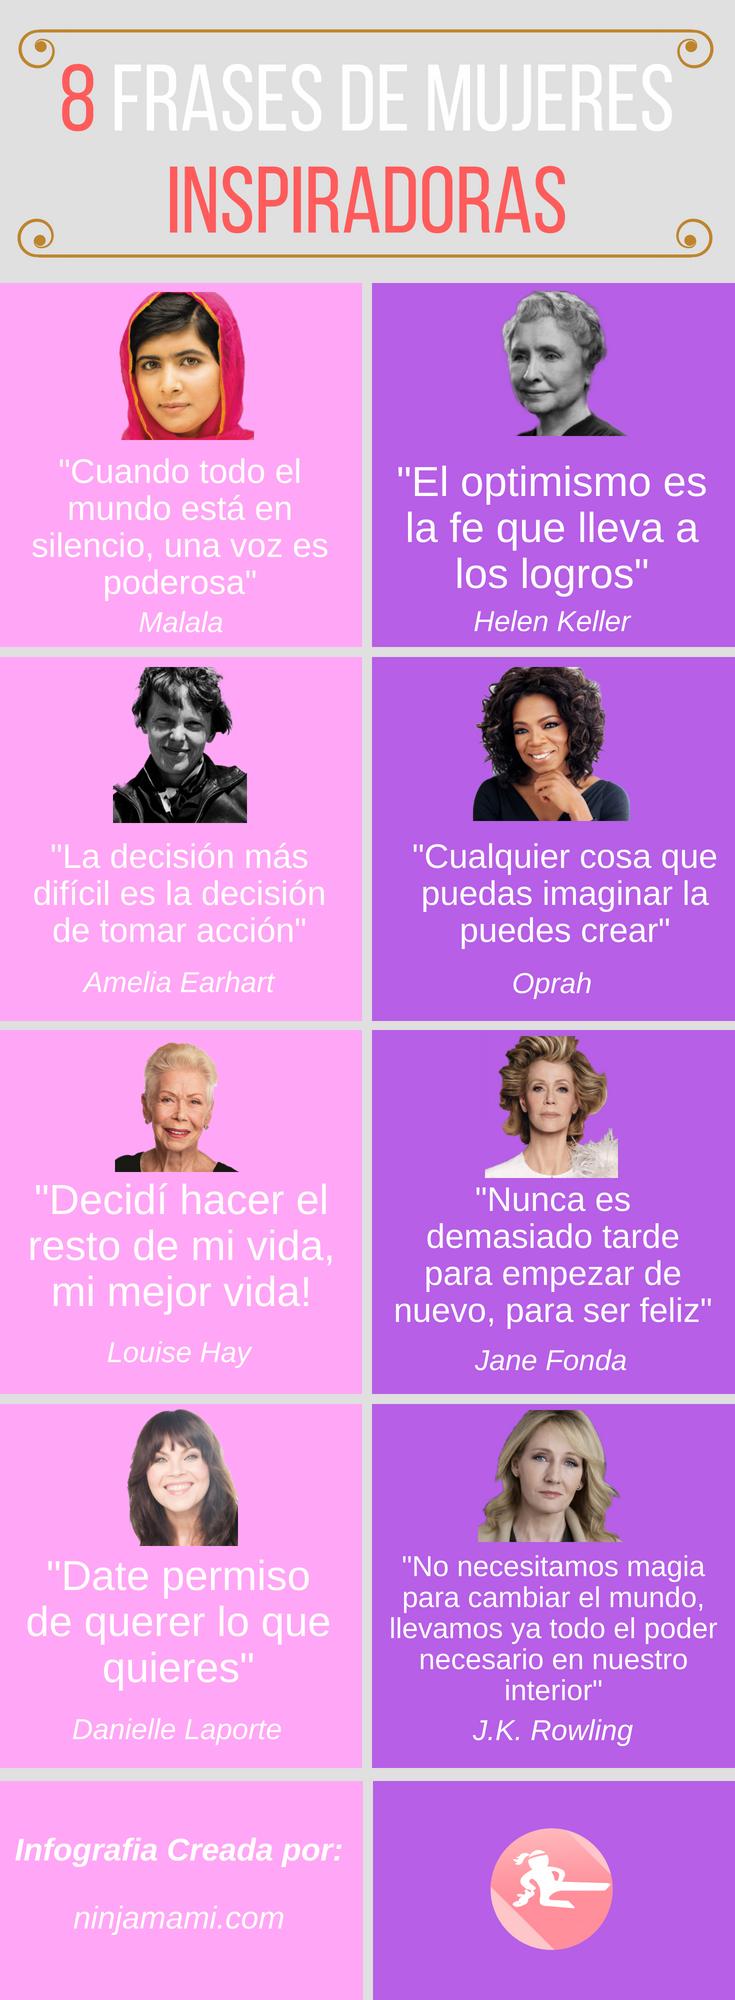 8 frases positivas de mujeres inspiradoras